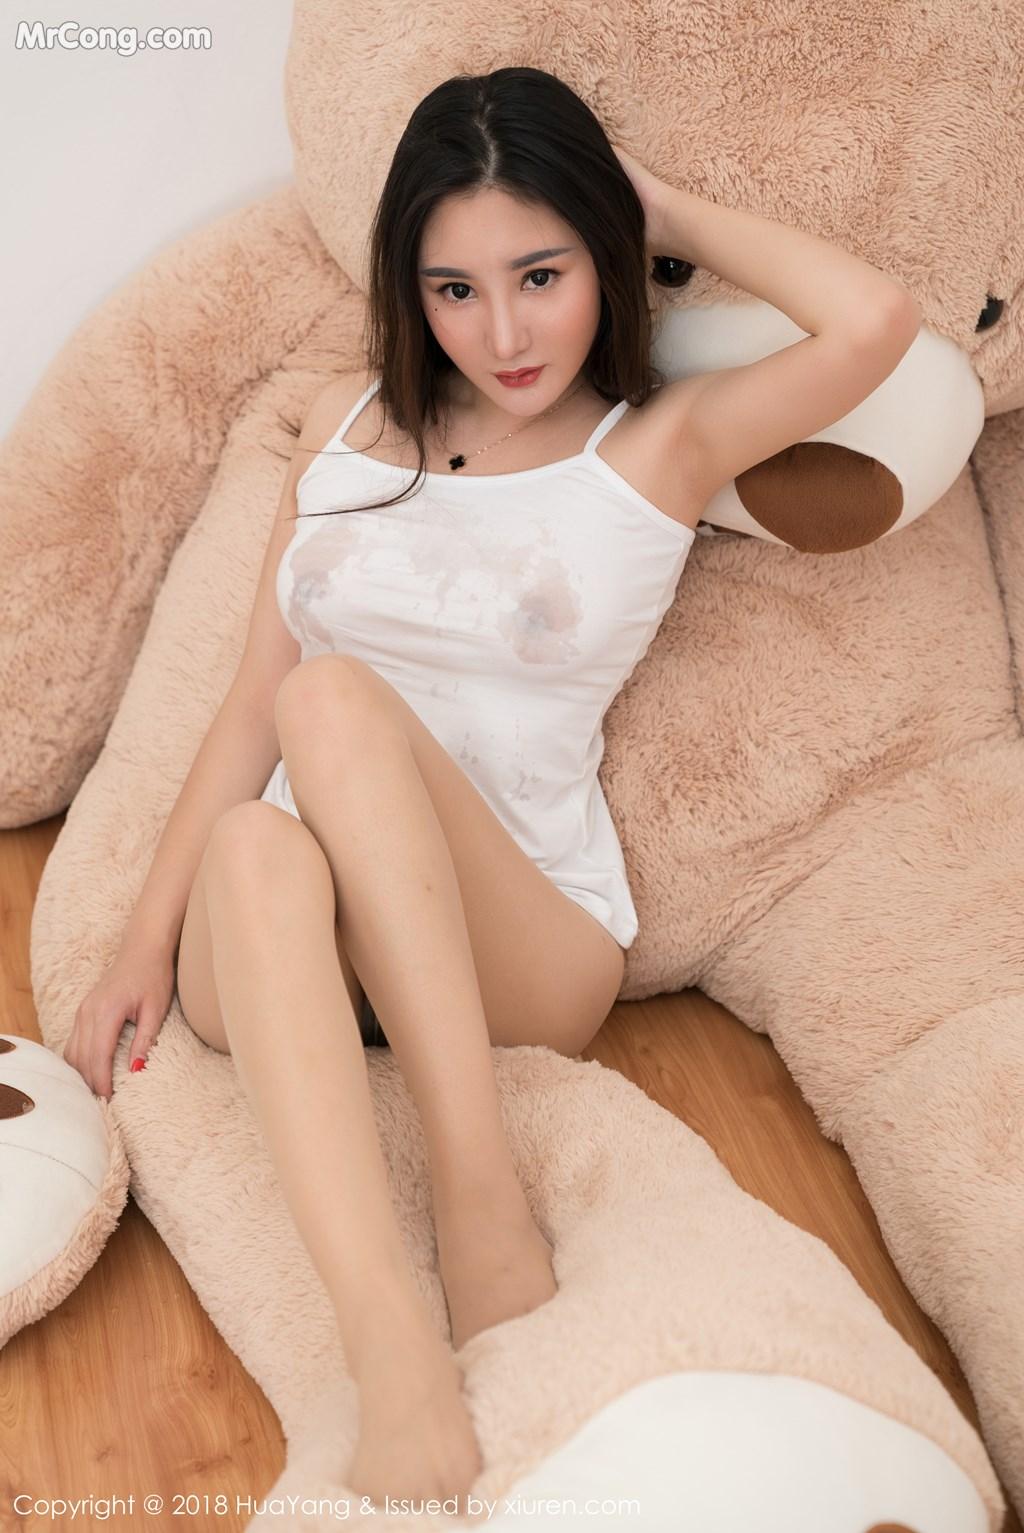 Image HuaYang-2018-03-02-Vol.034-Xiao-Tian-Xin-Candy-MrCong.com-028 in post HuaYang 2018-03-02 Vol.034: Người mẫu Xiao Tian Xin (小甜心Candy) (41 ảnh)